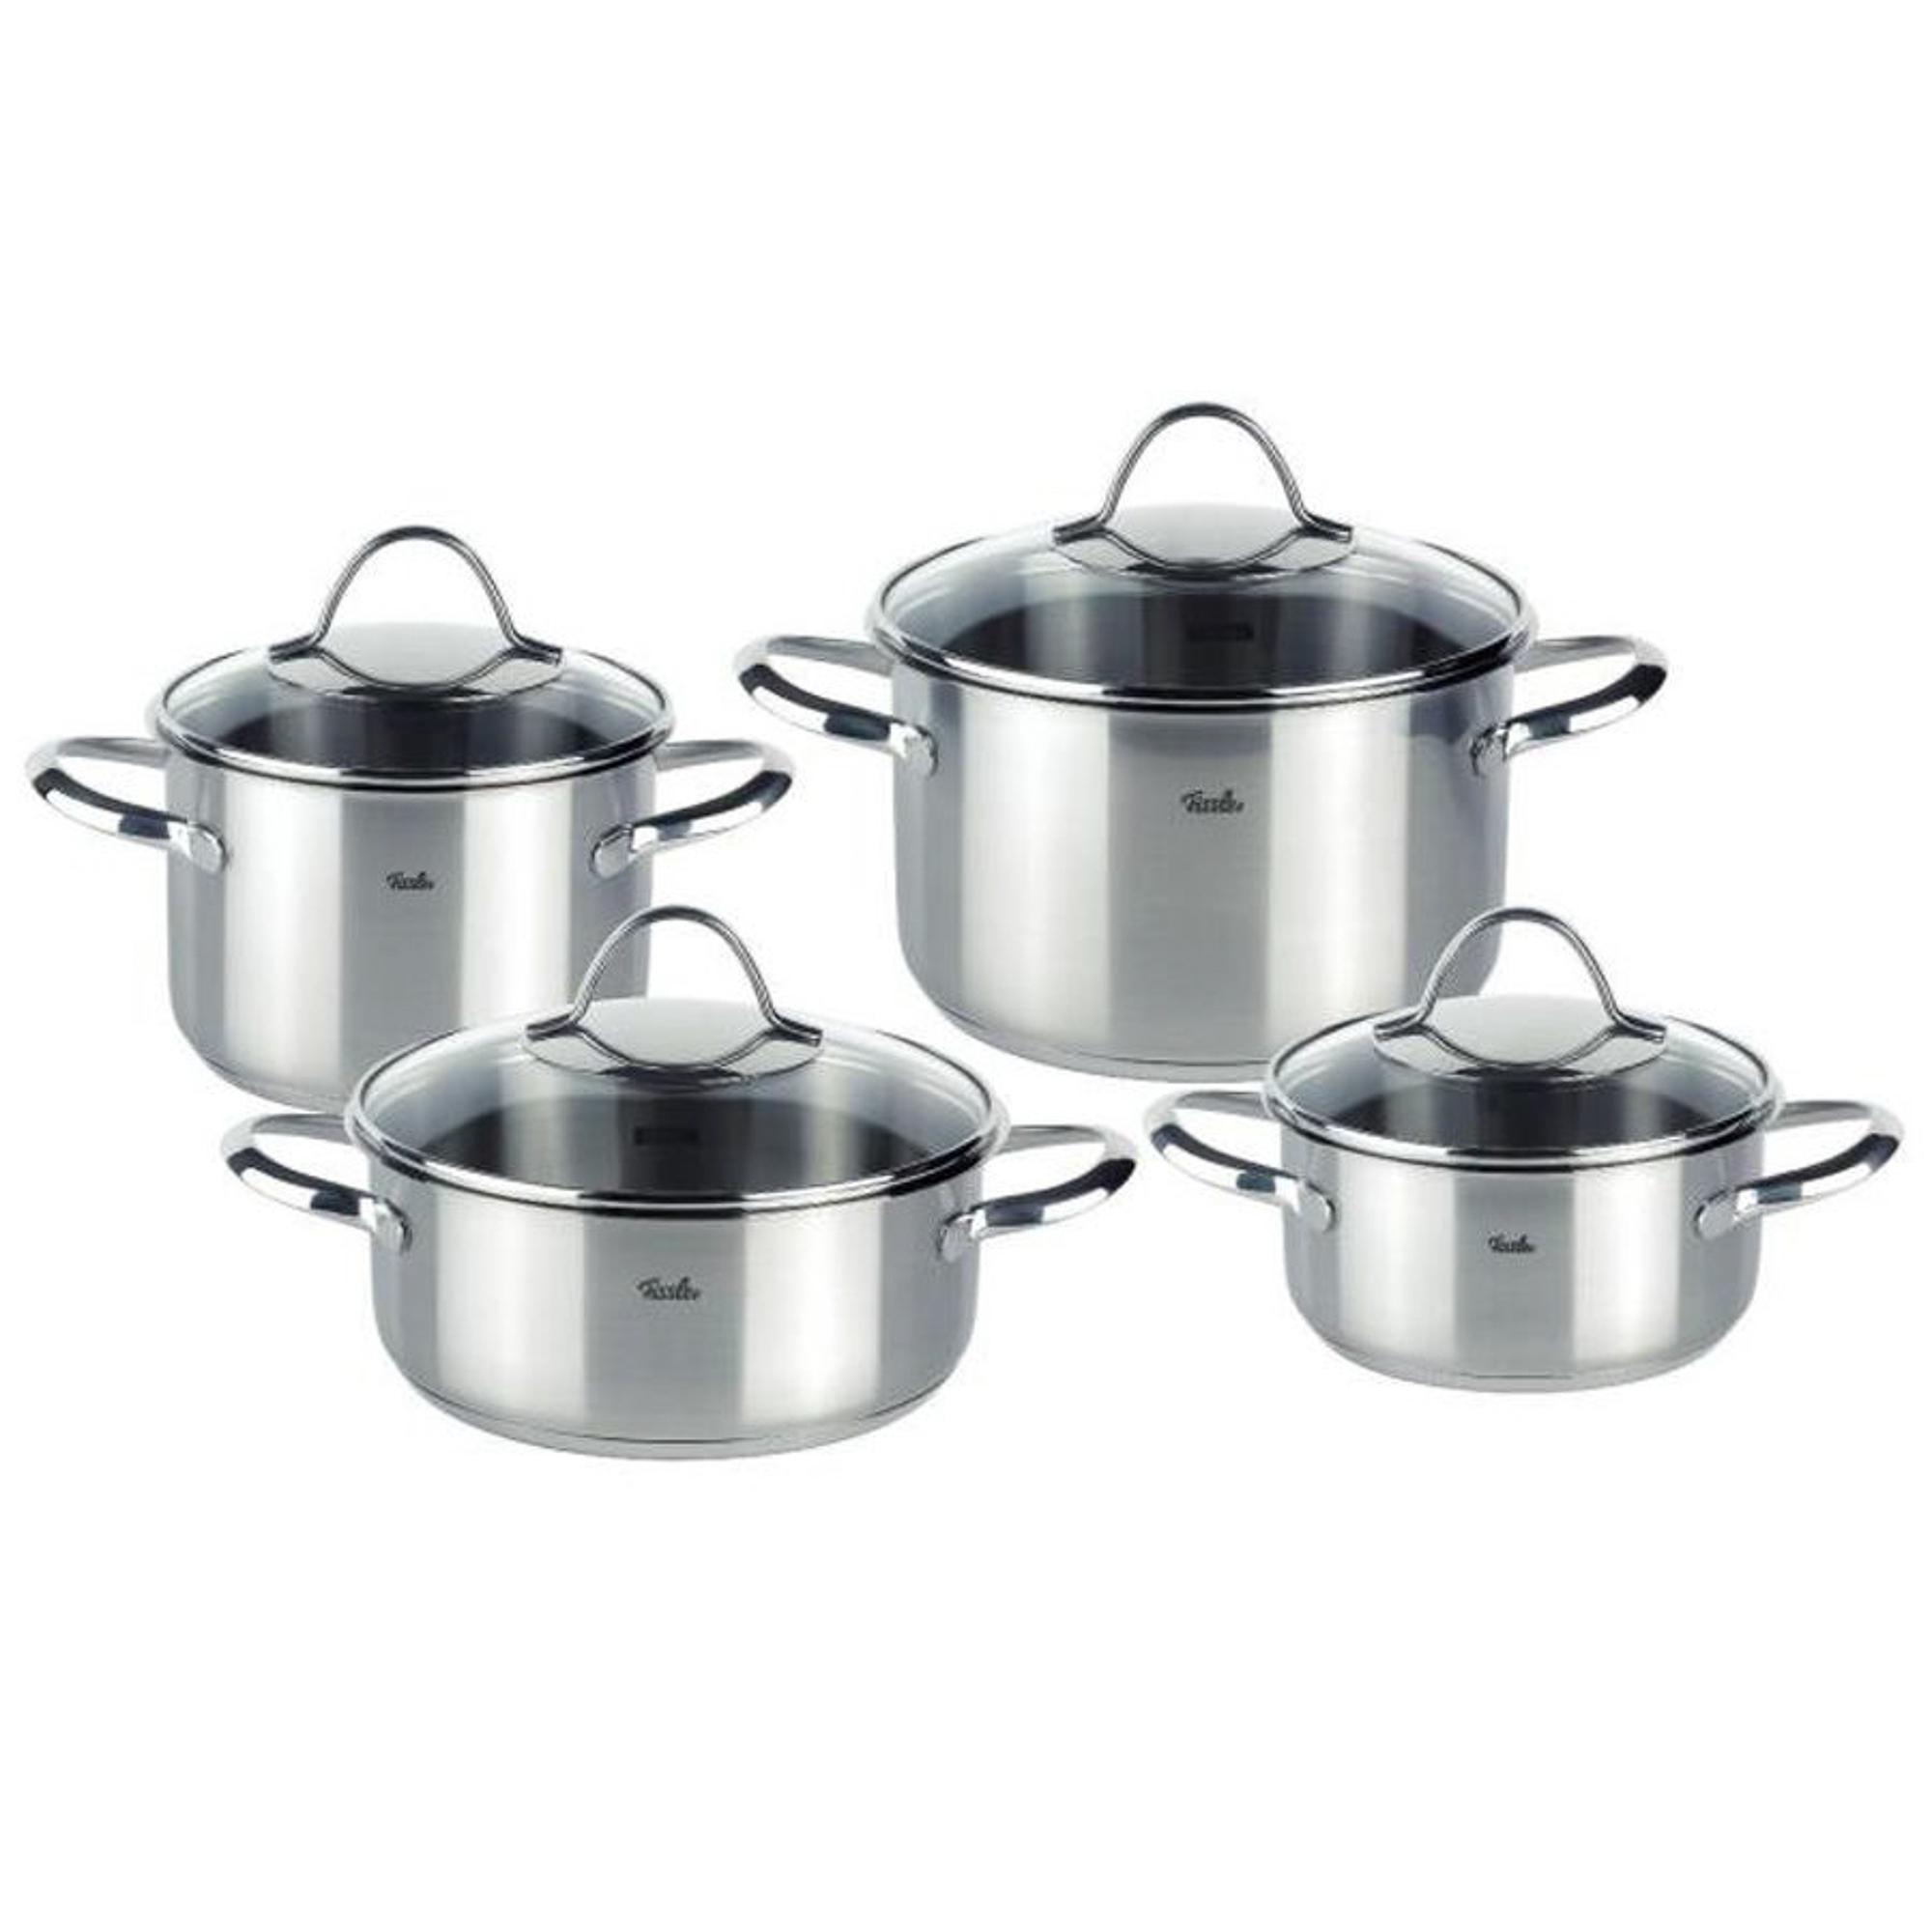 Купить Набор посуды Fissler Paris 8 предметов, Германия, серебряный